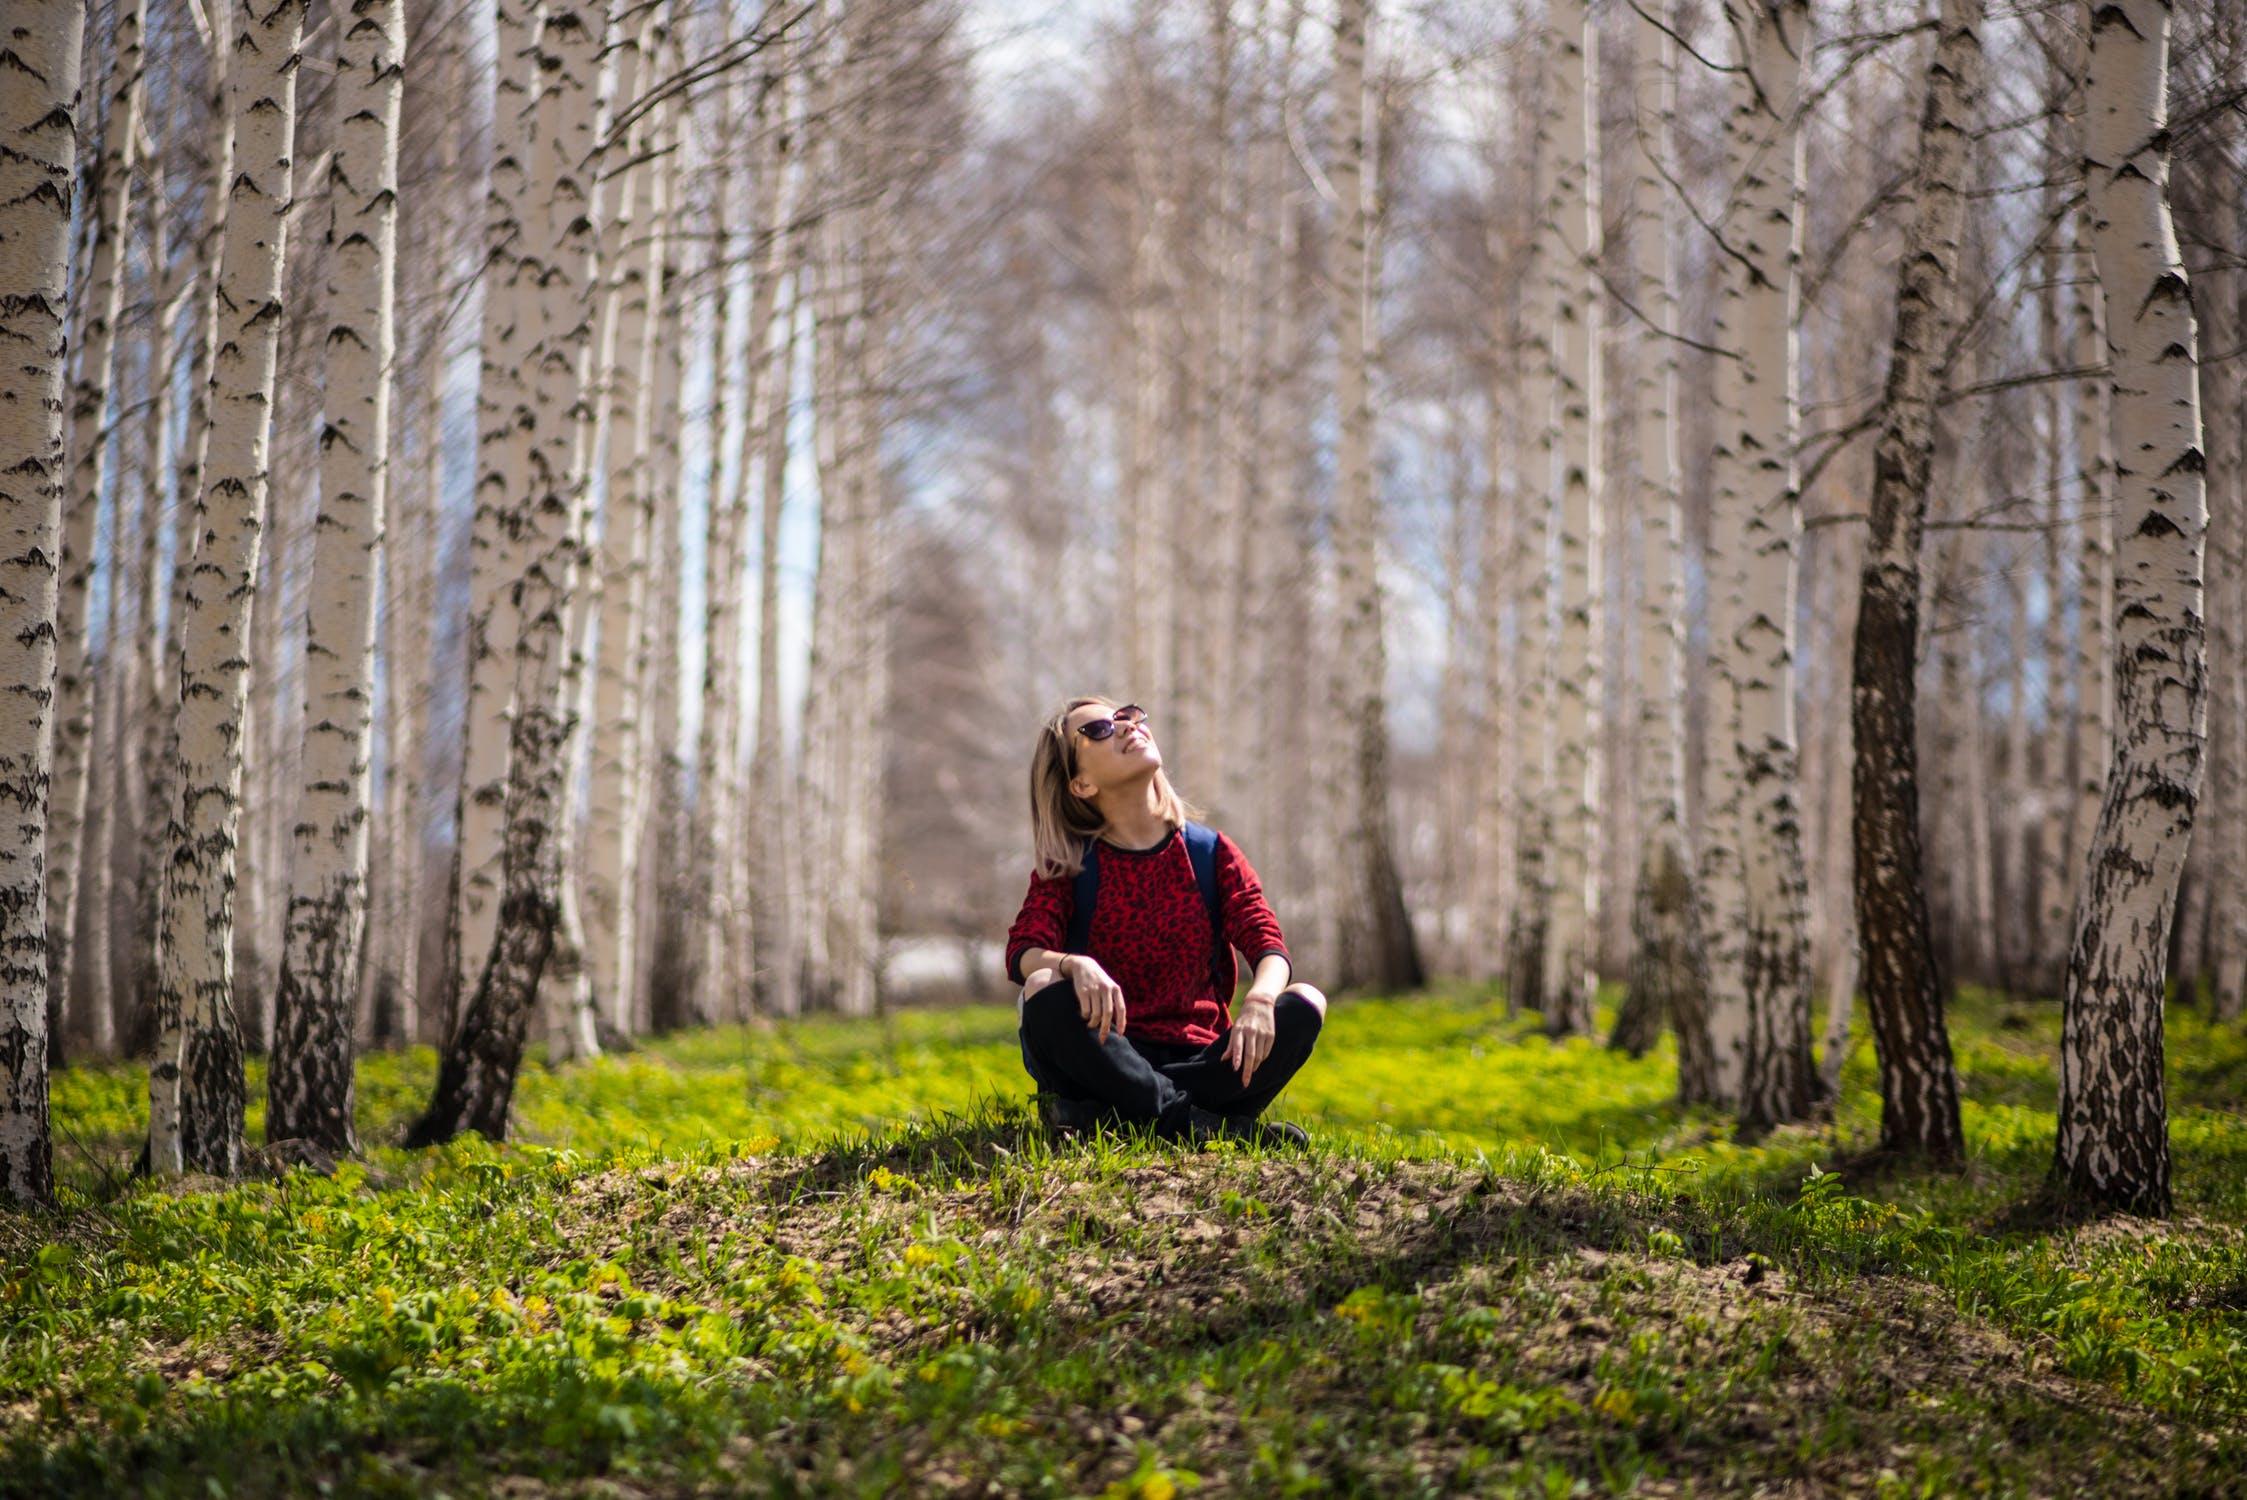 pripojiť v lesoch staromódny datovania pravidlá by ste mali zlomiť